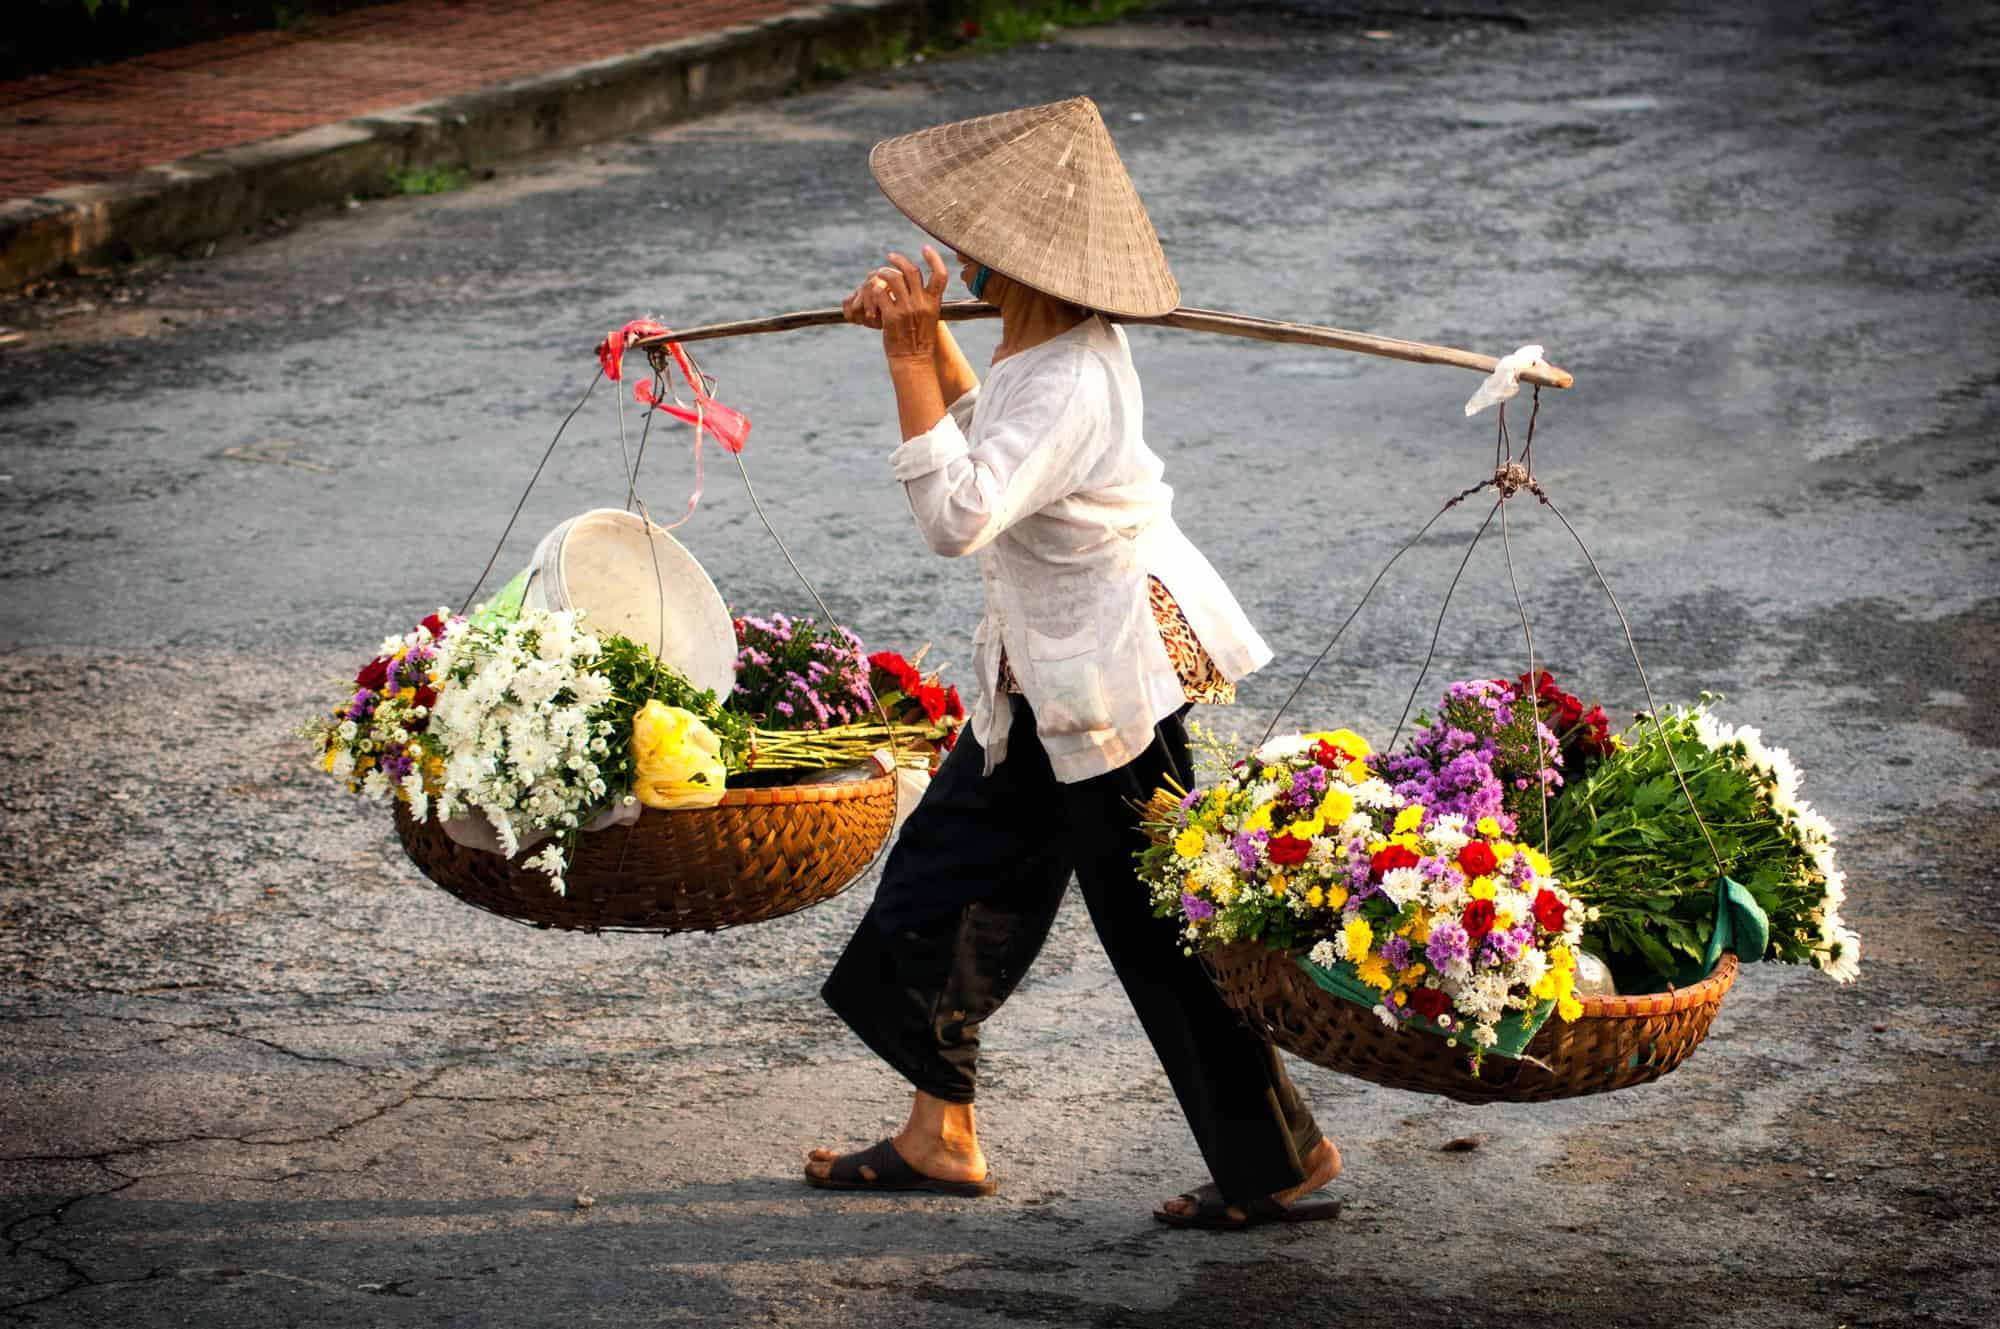 25 Best Things to Do in Hanoi, Vietnam